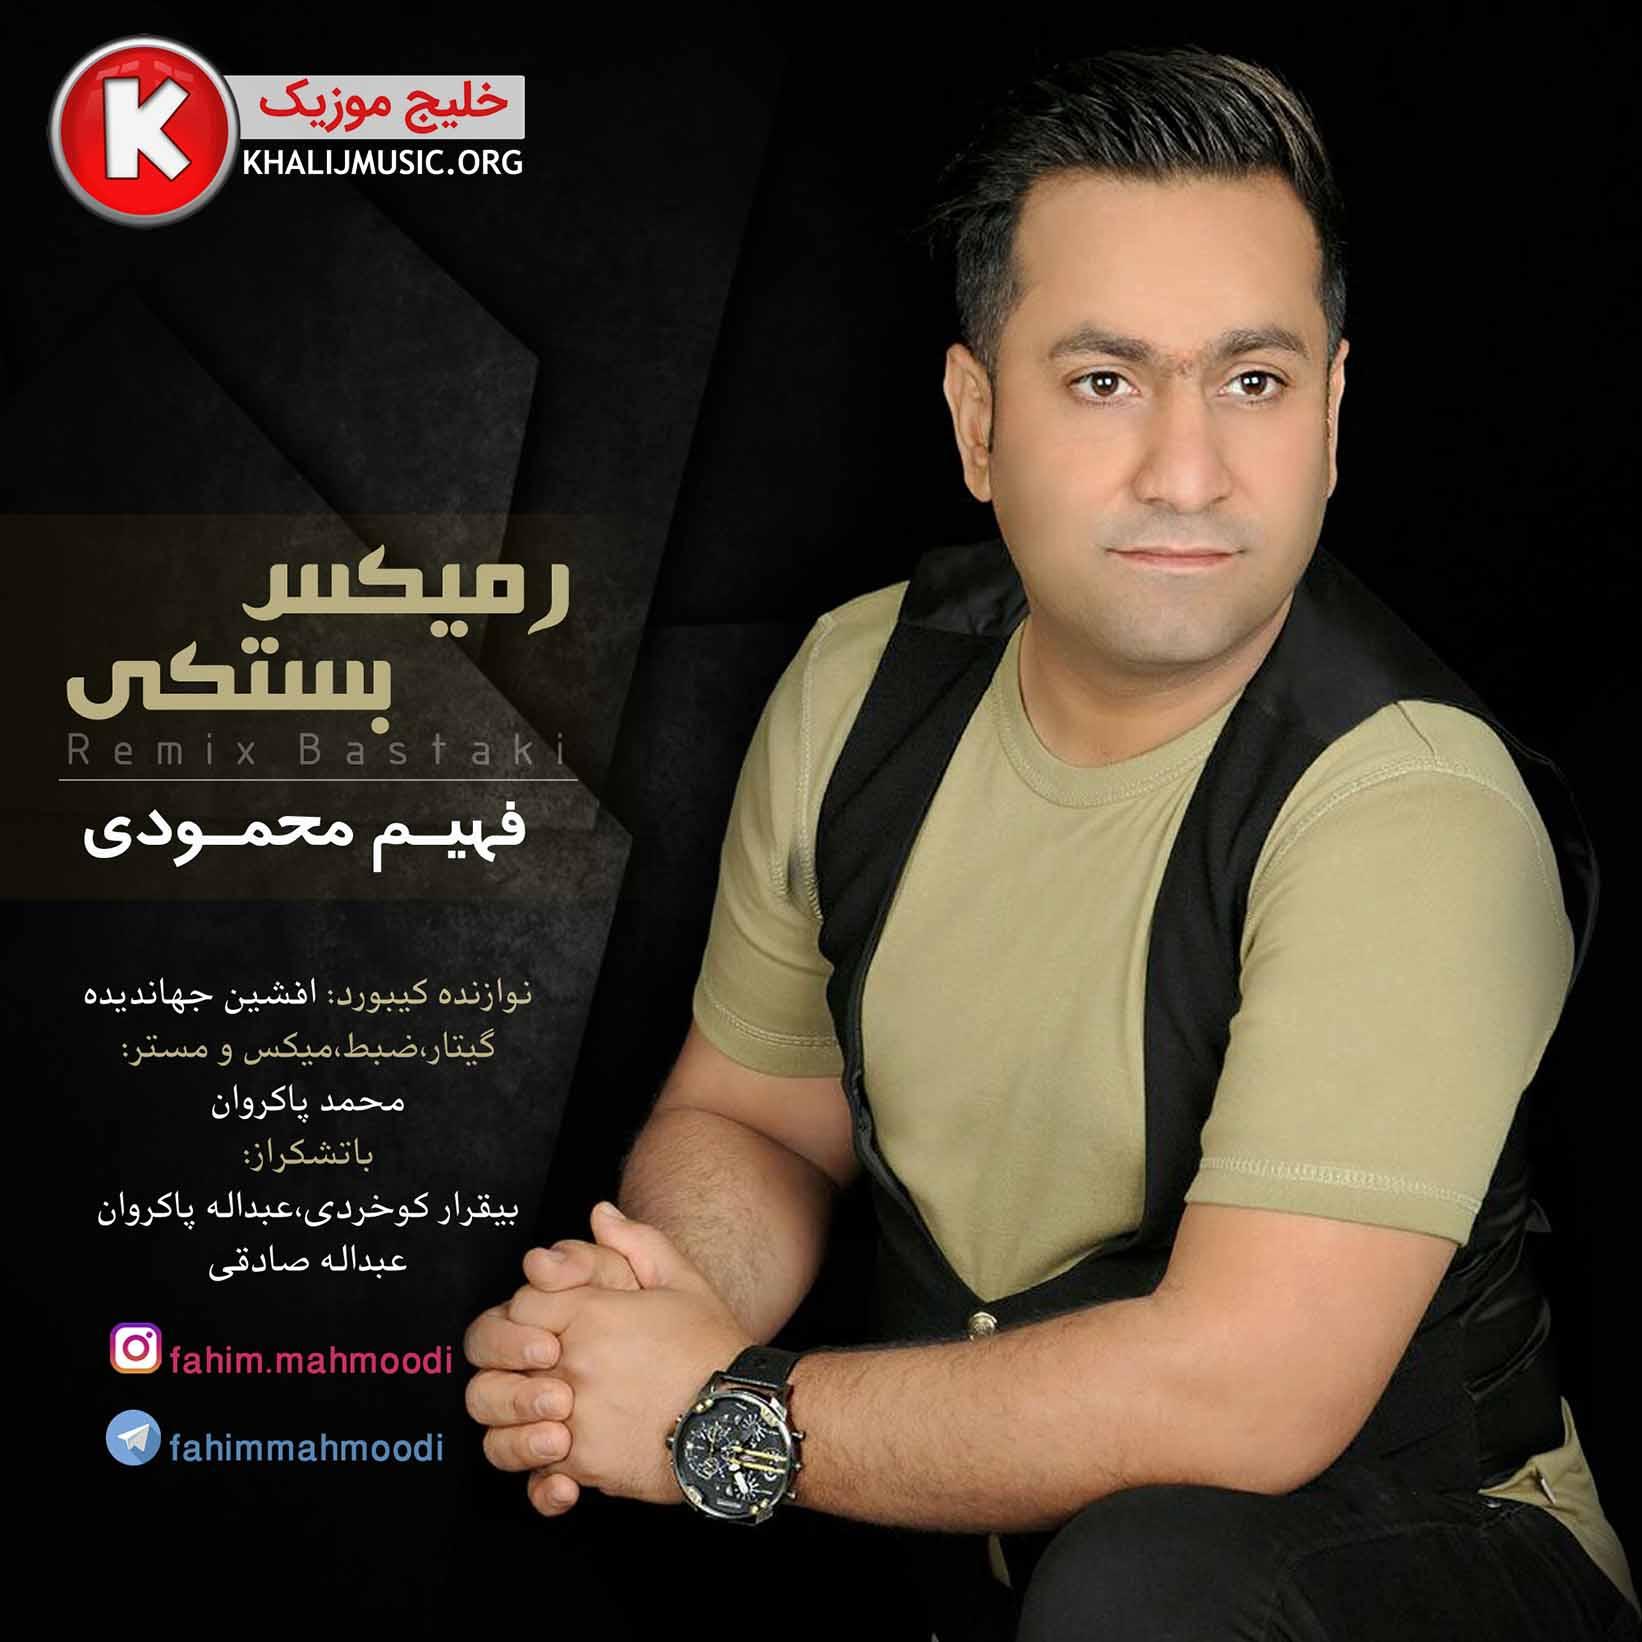 http://dl.khalijmusic.us/ax2/01FAHIM.MAHMOODI3.jpg